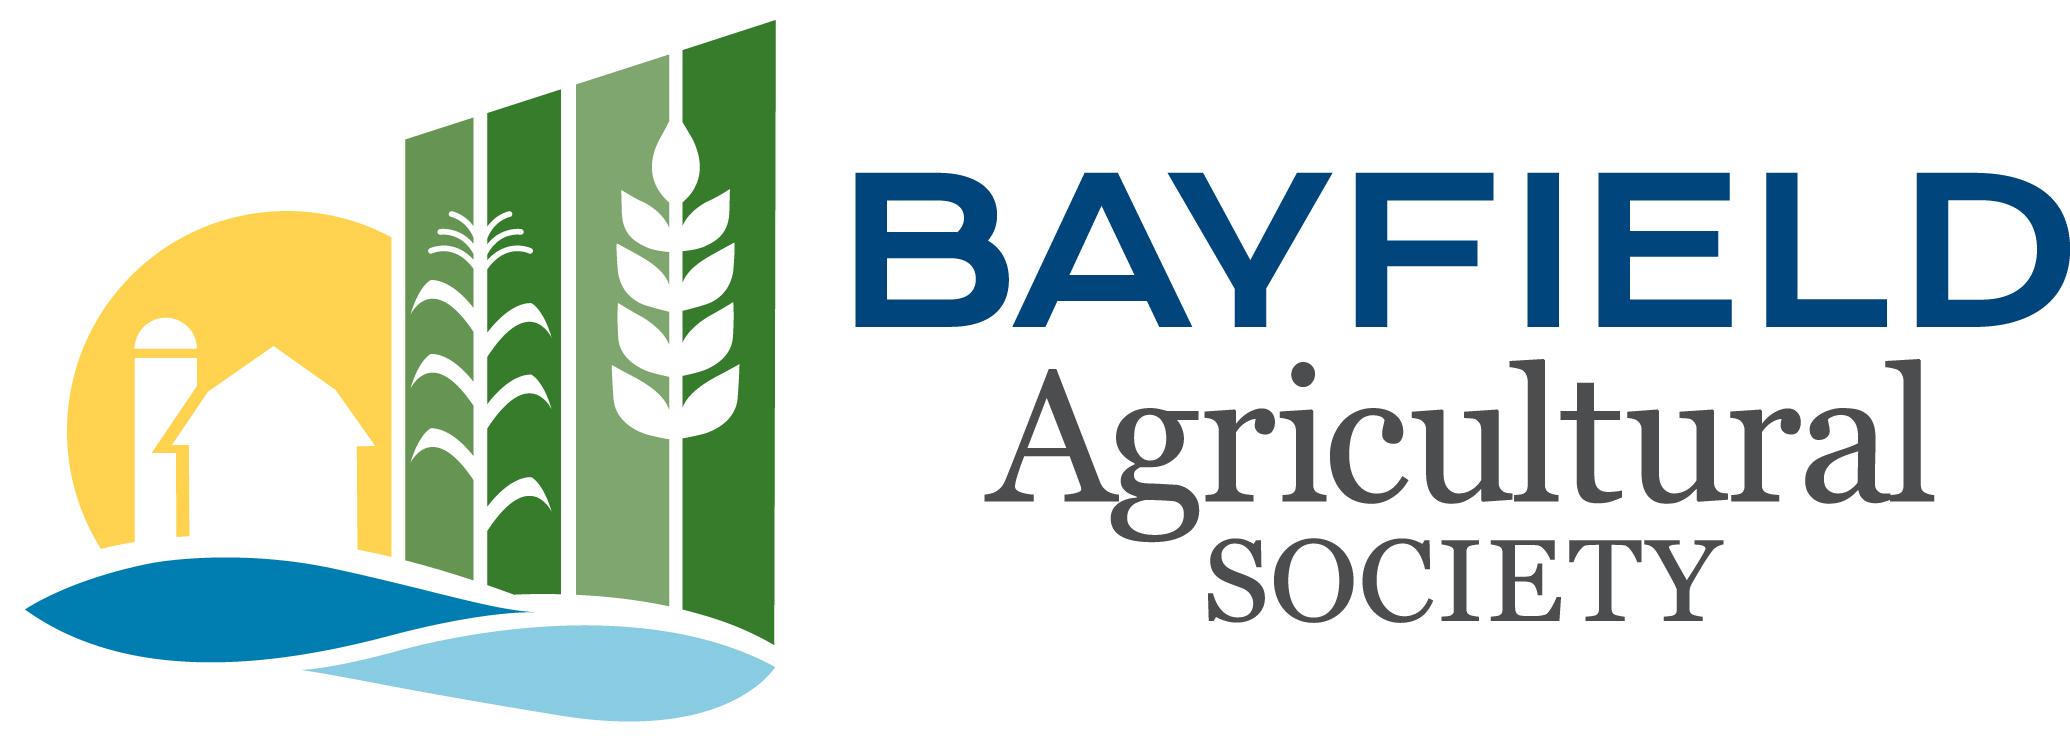 Bayfield Fair